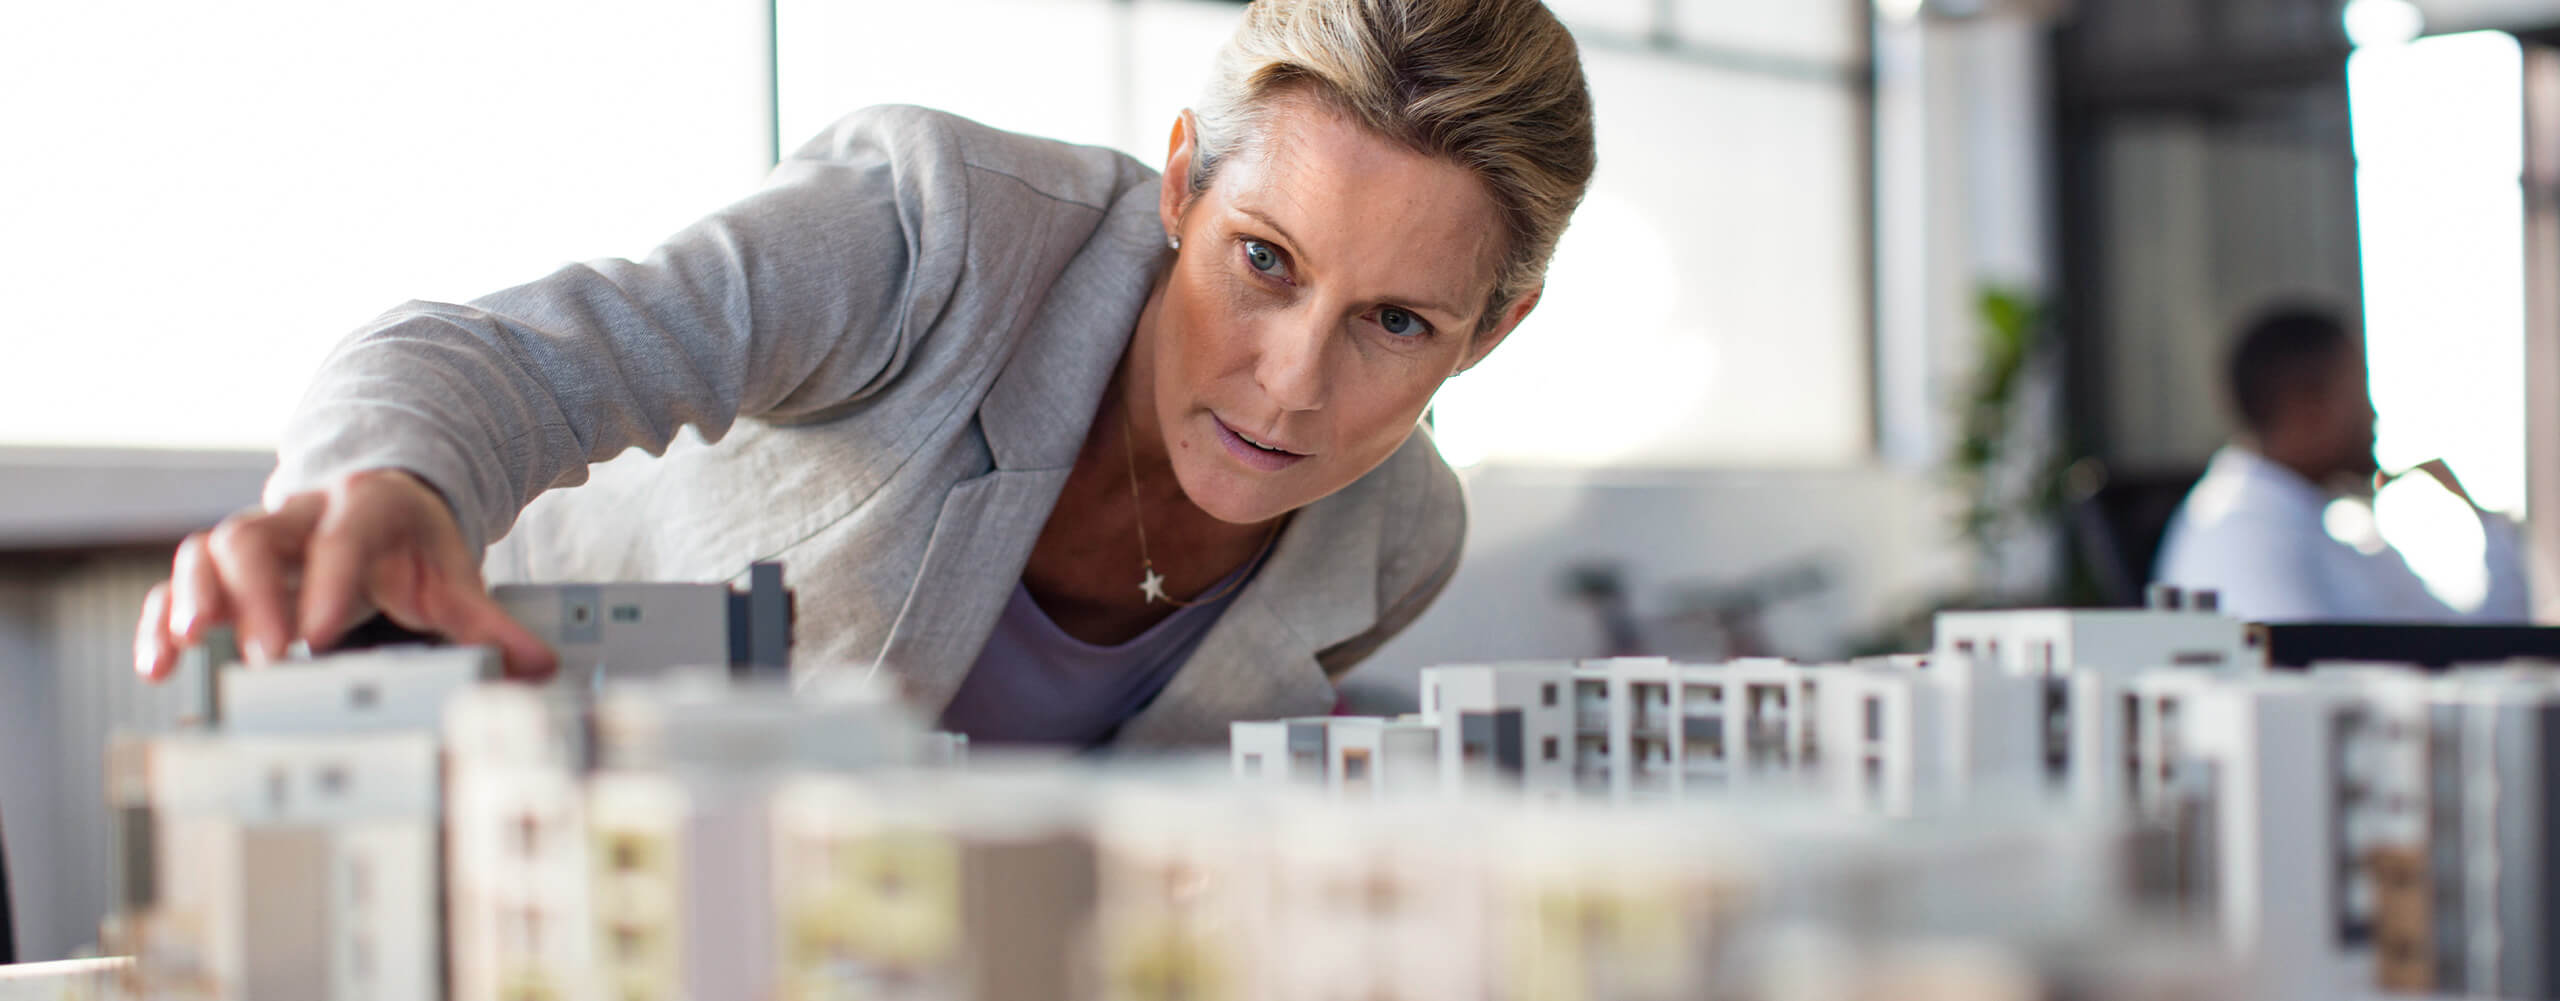 Frau hinter Stadtmodell